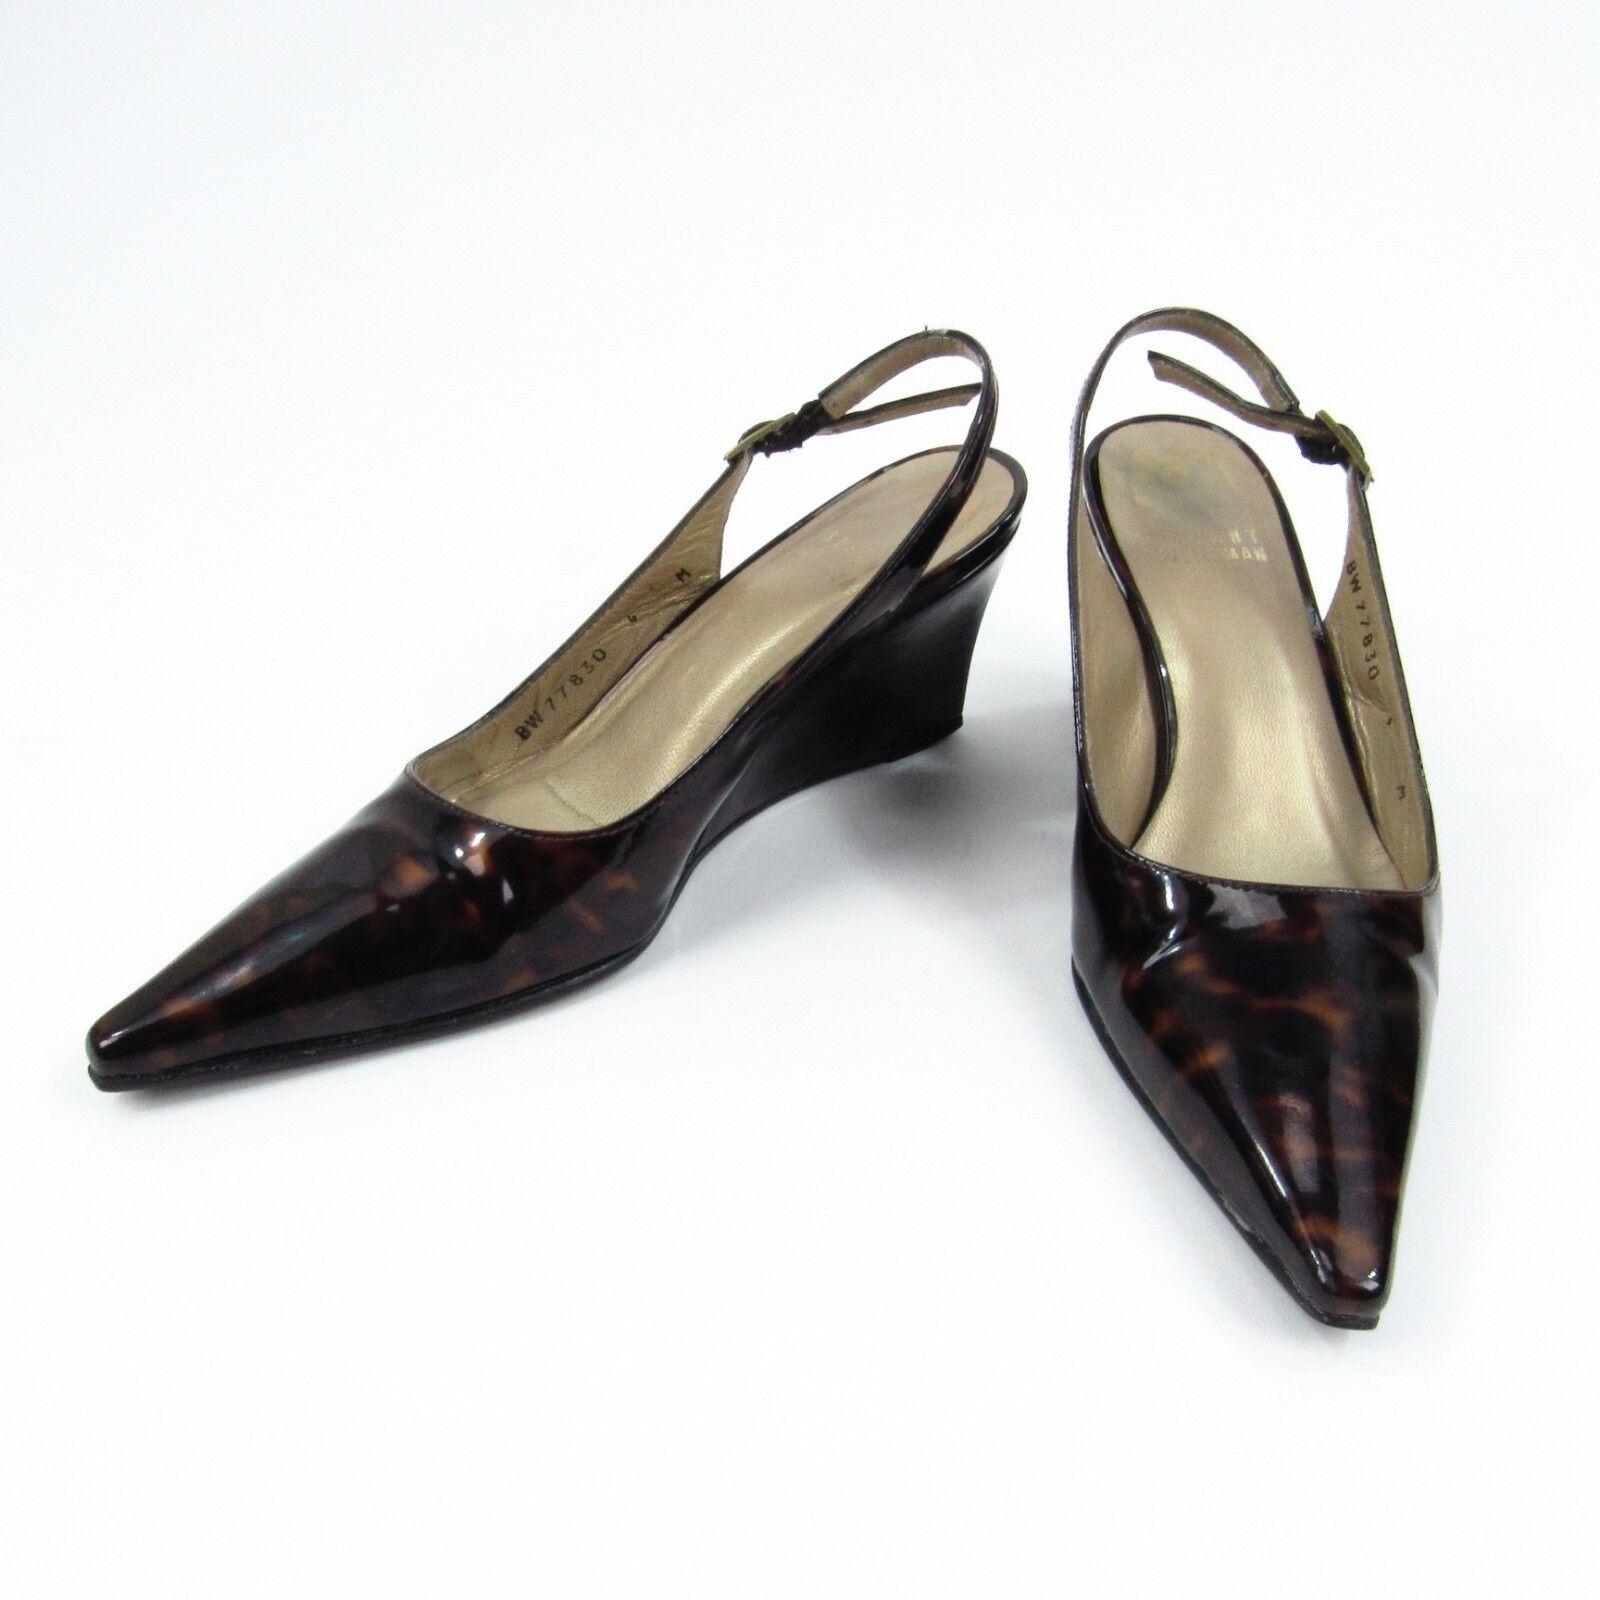 100% nuovo di zecca con qualità originale Stuart Weitzman Wedge Heels donna Dimensione 4 M M M Pointed Toe Slingback Patent Leather  consegna veloce